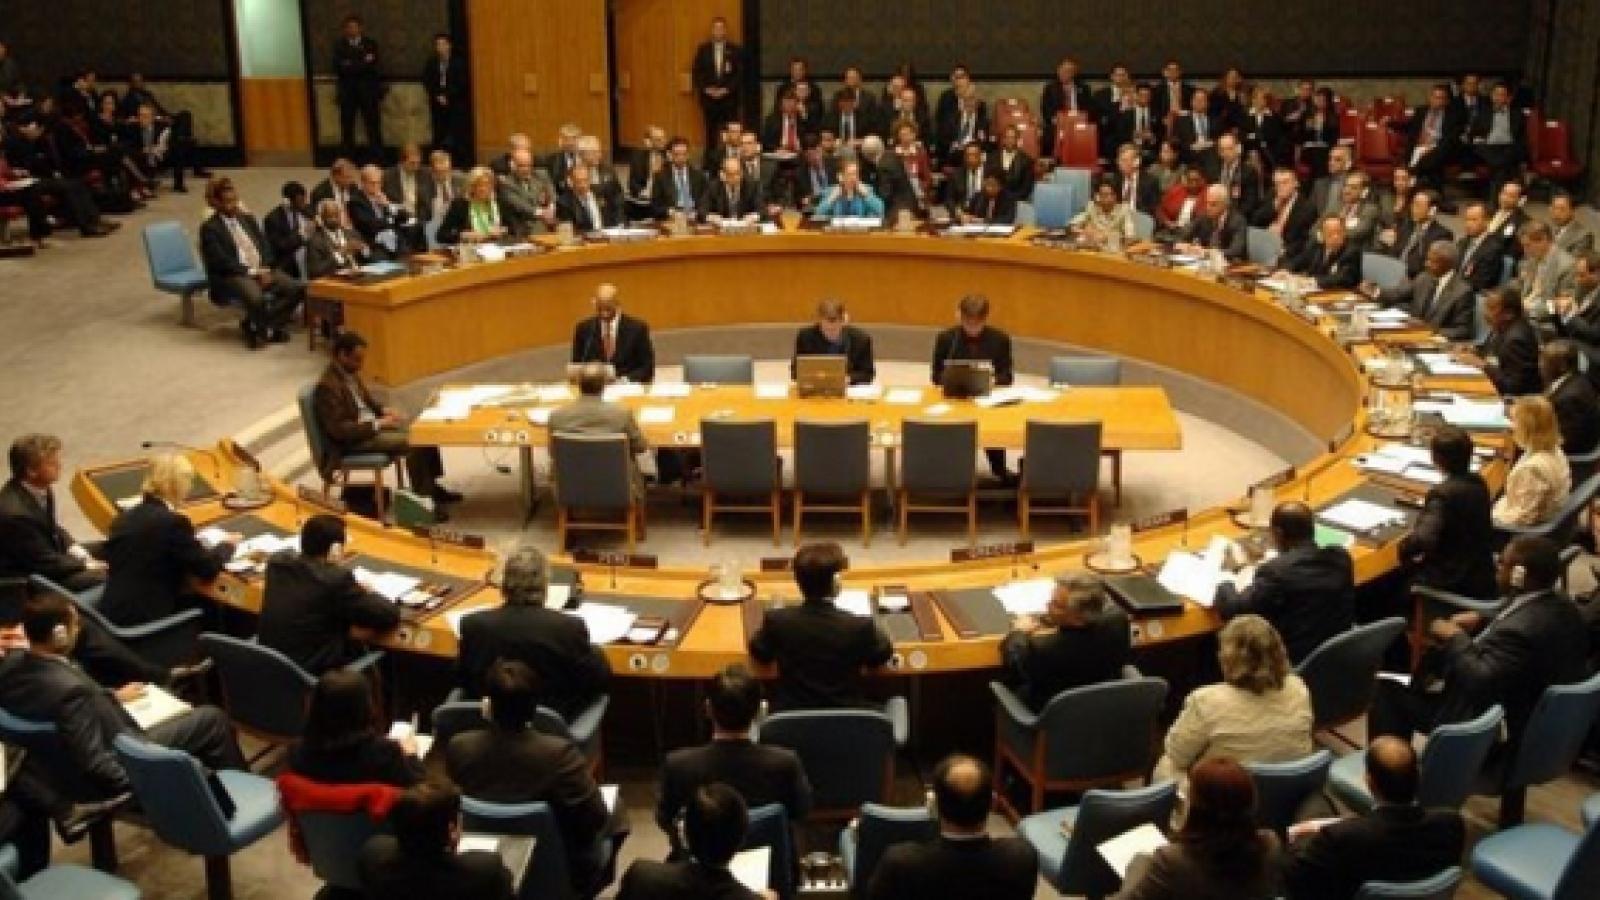 Kỷ niệm 75 năm thành lập, Liên Hợp Quốc kêu gọi thế giới tăng cường hợp tác